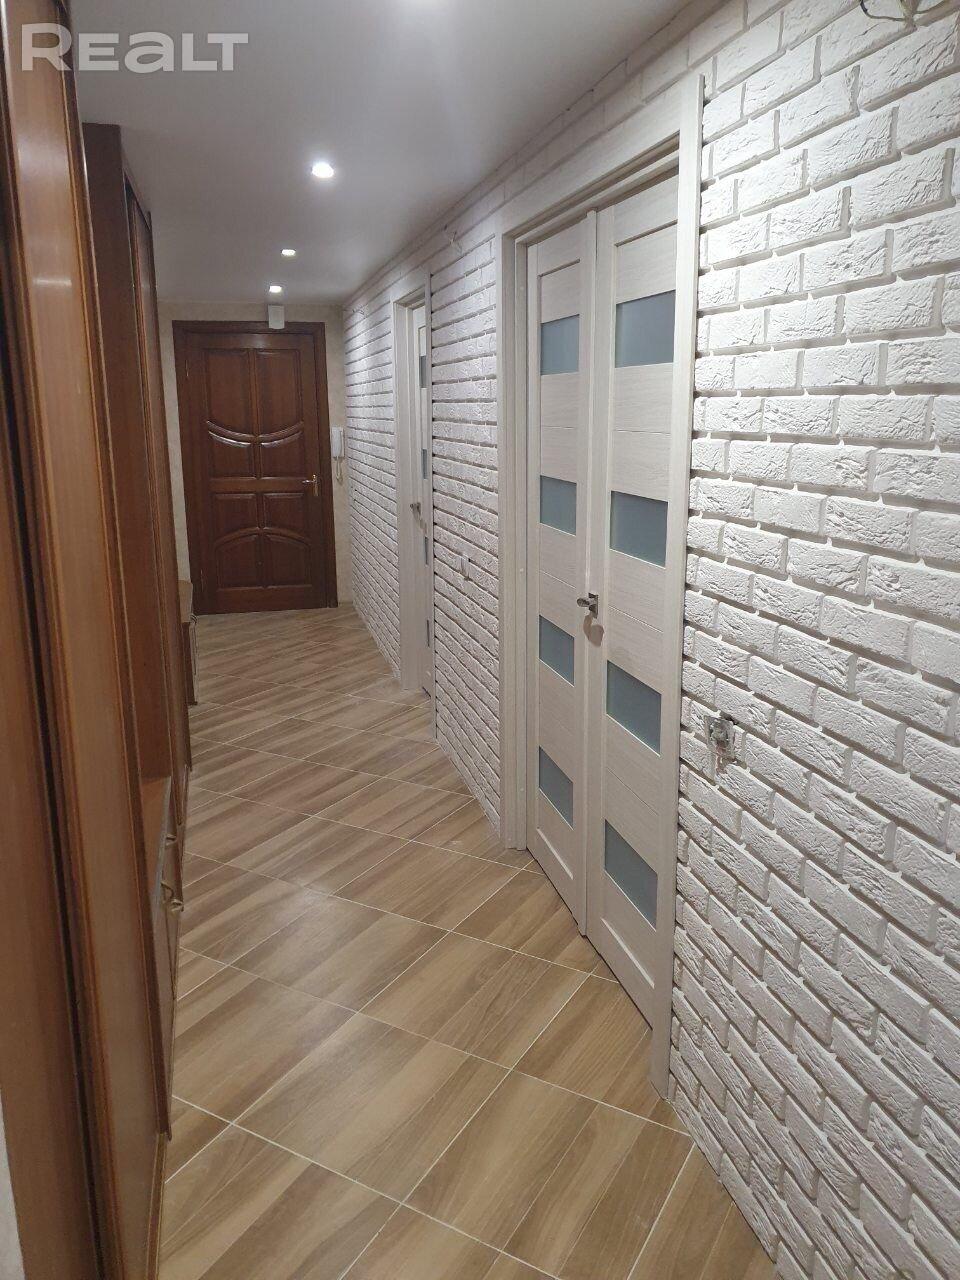 Продажа 3-х комнатной квартиры в г. Минске, ул. Левкова, дом 10 (р-н Воронянского, Могилевская, Чкалова). Цена 216 178 руб